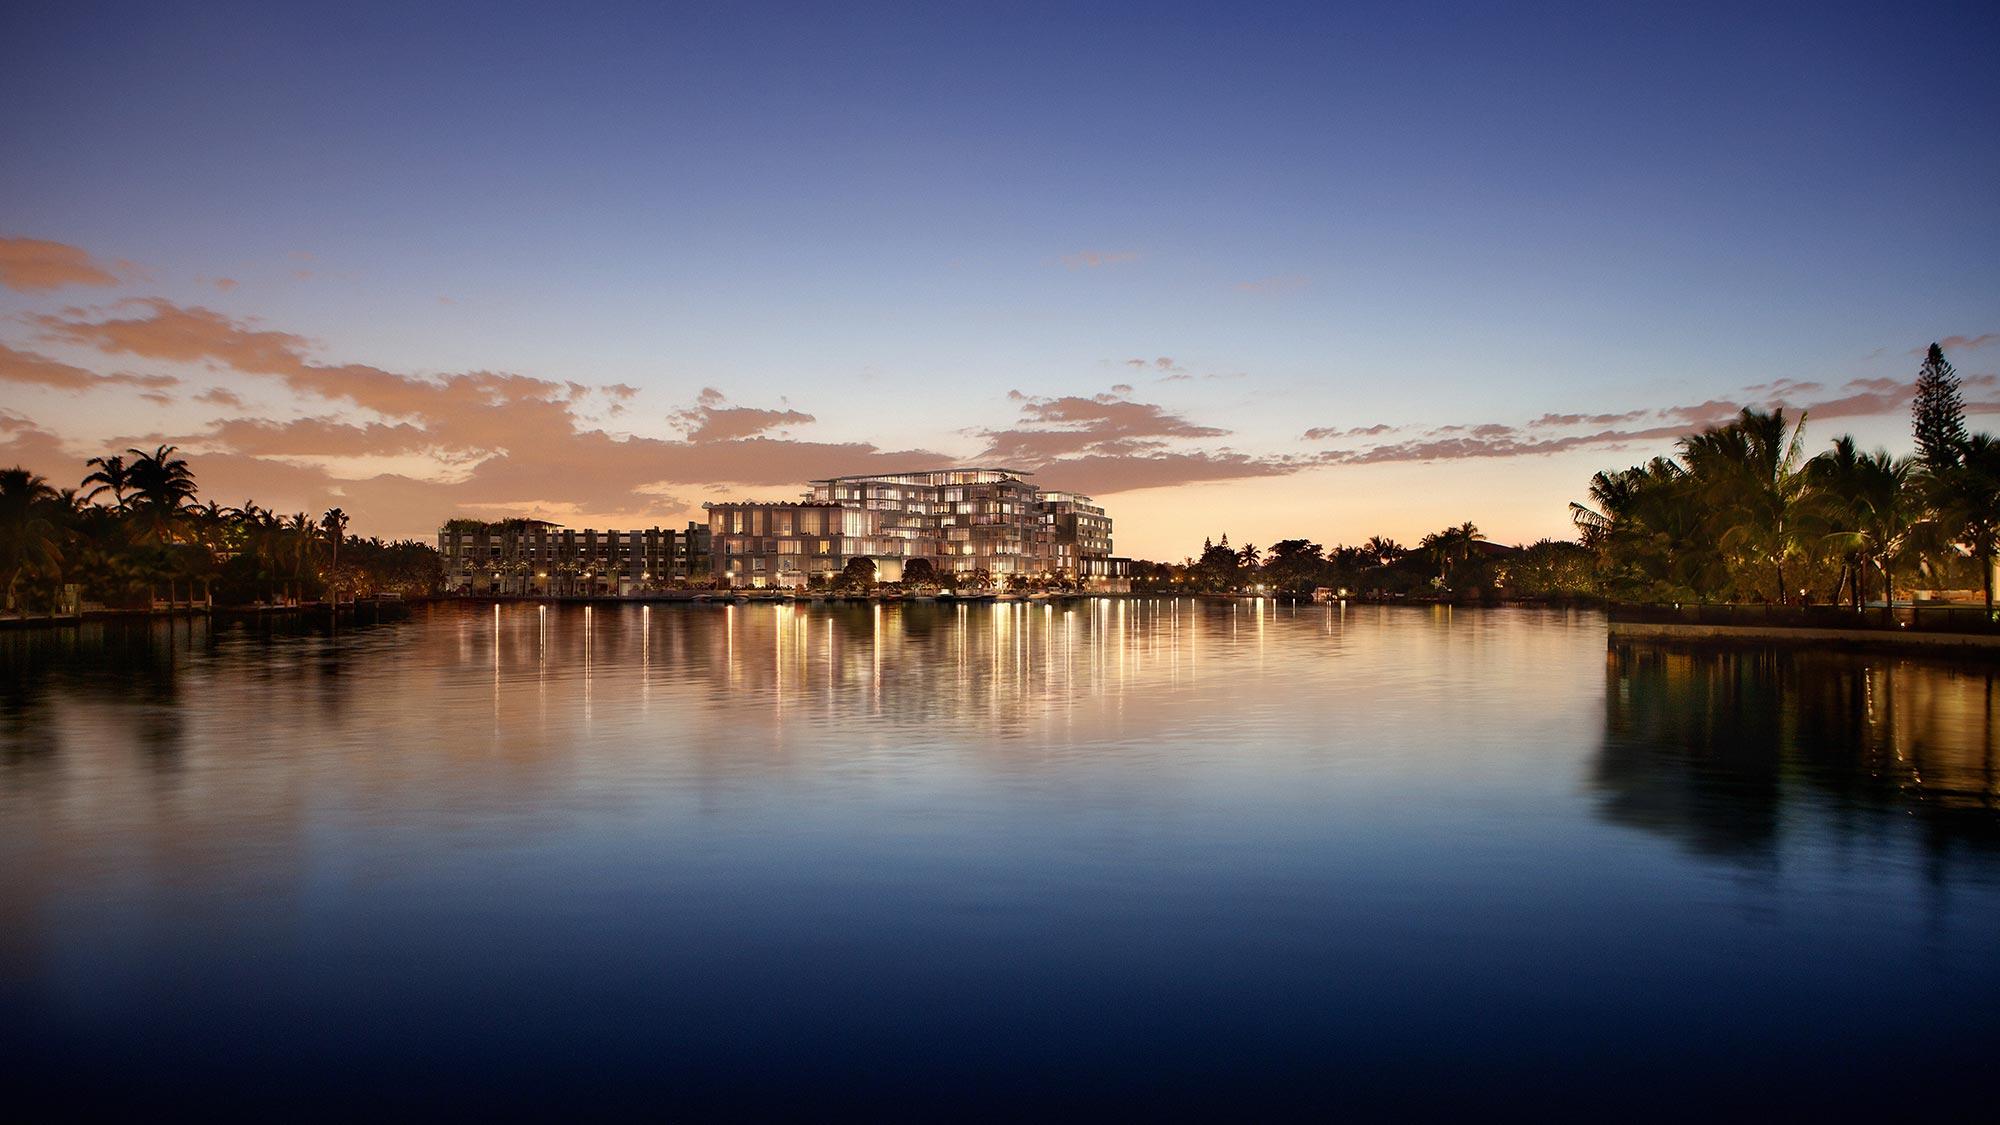 Miami luxury condos at The Ritz-Carlton Residences, Miami Beach